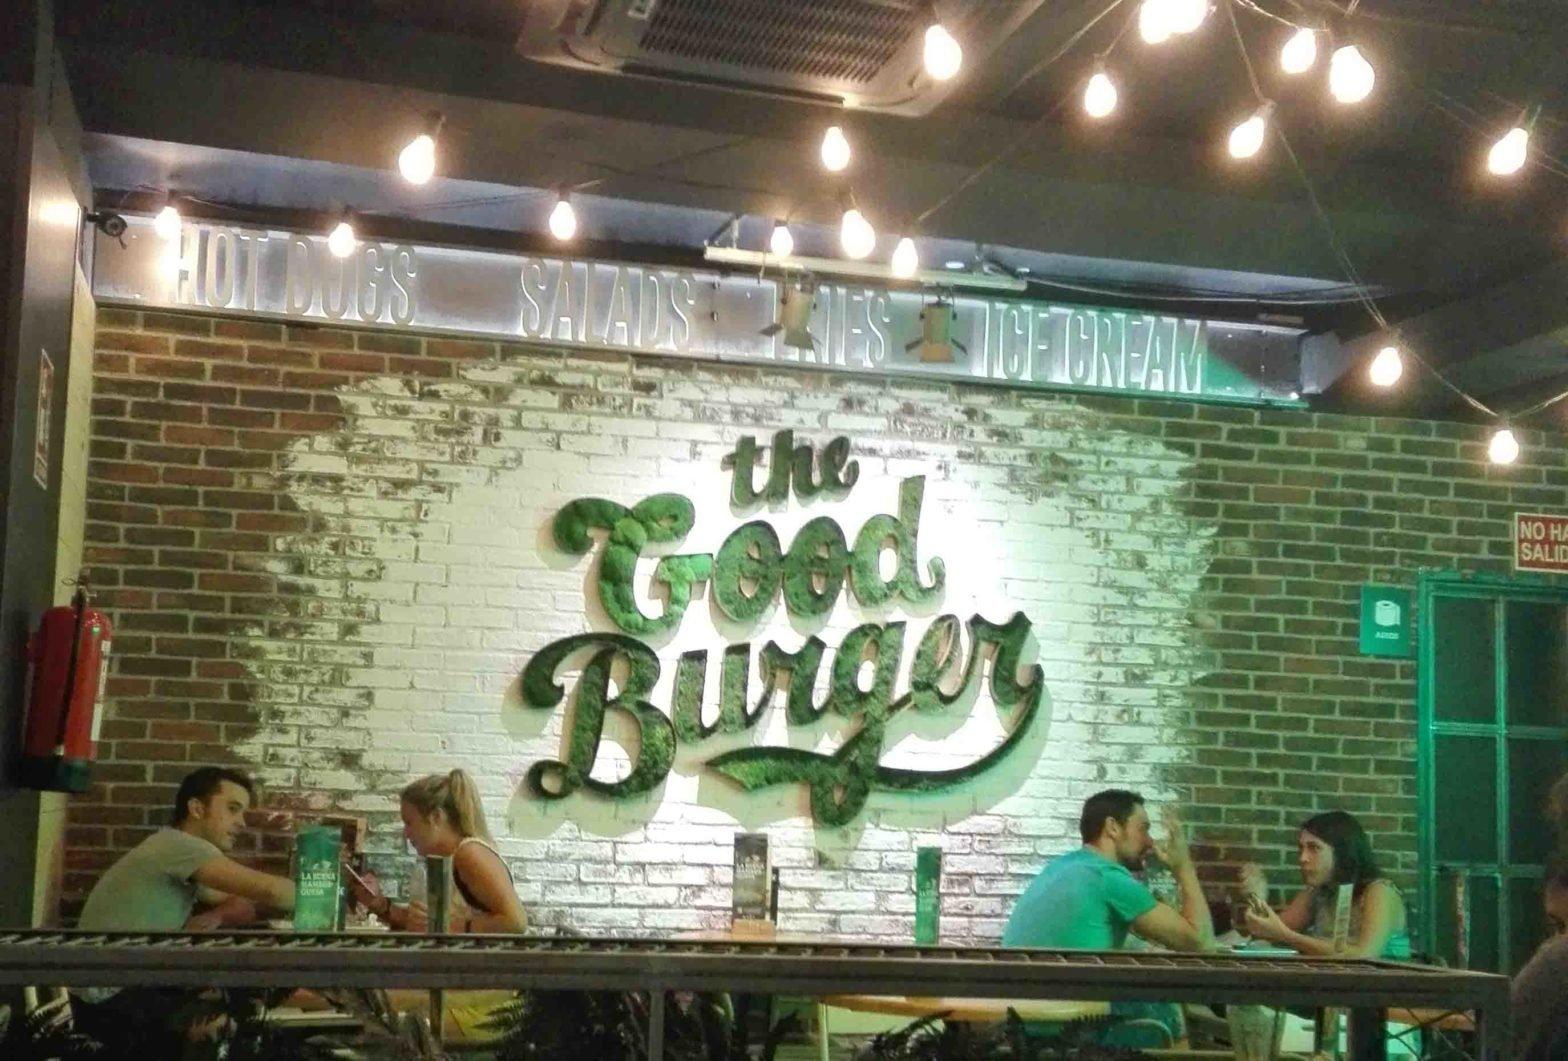 Cara vista The good Burger. Panespol. Panel decorativo de poliuretano. Panel imitación ladrillo. Panel caravista